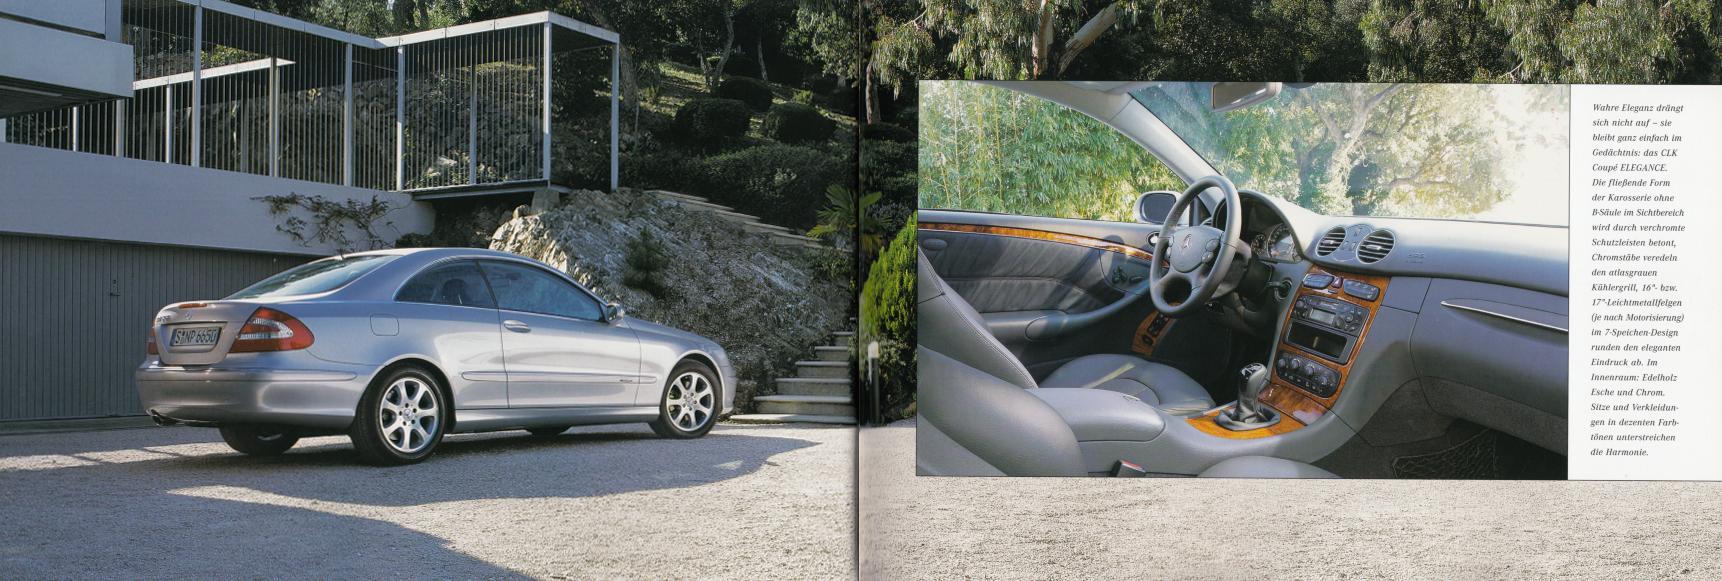 (C209): Catálogo 2002 - alemão 008